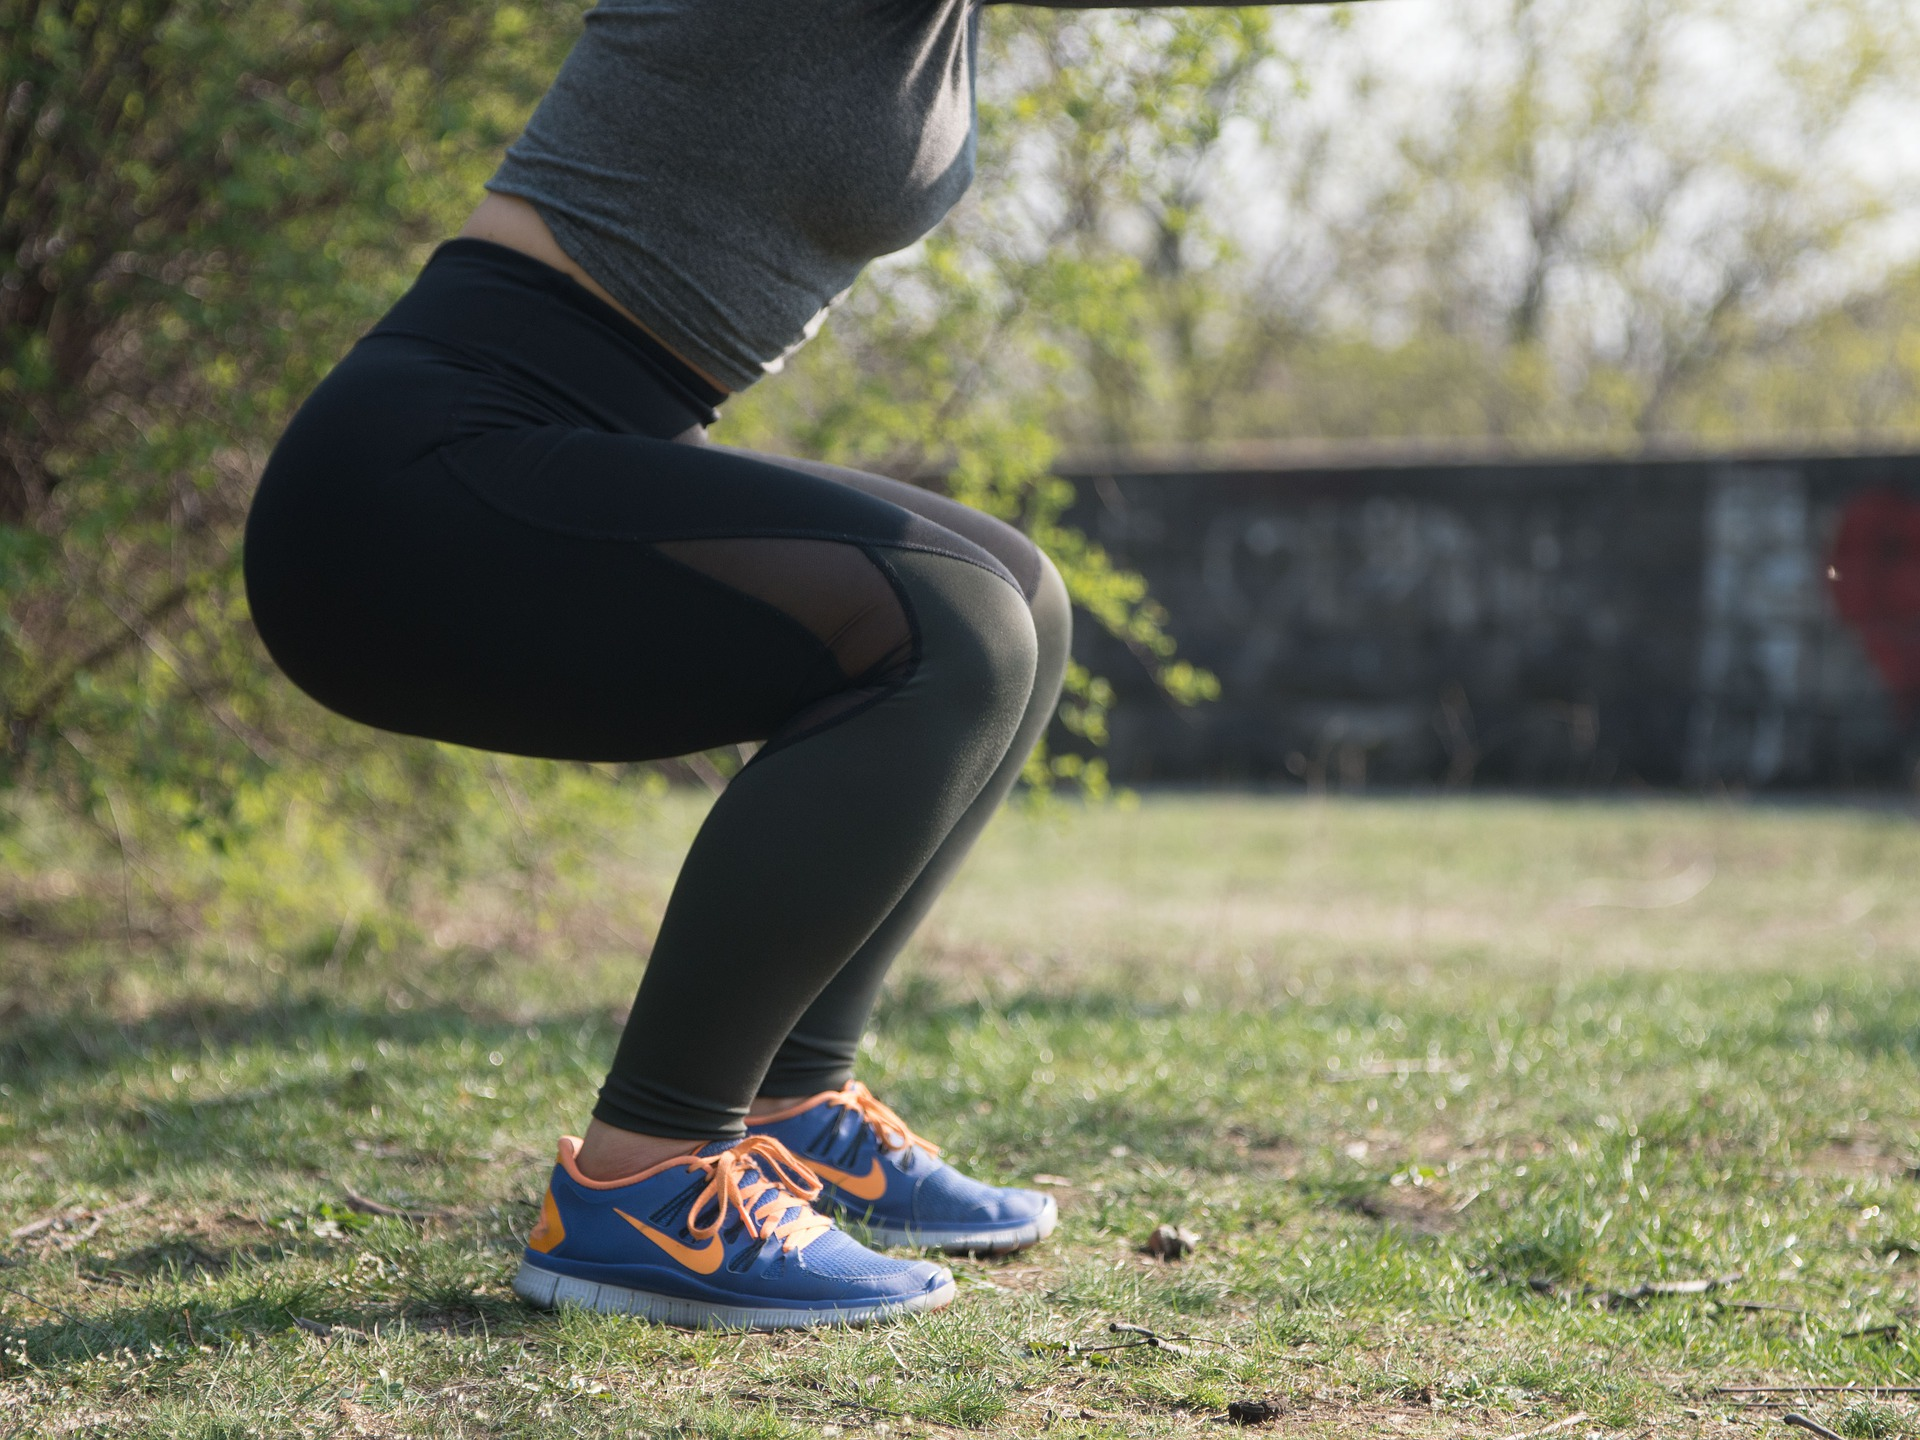 Žena dřepy squats